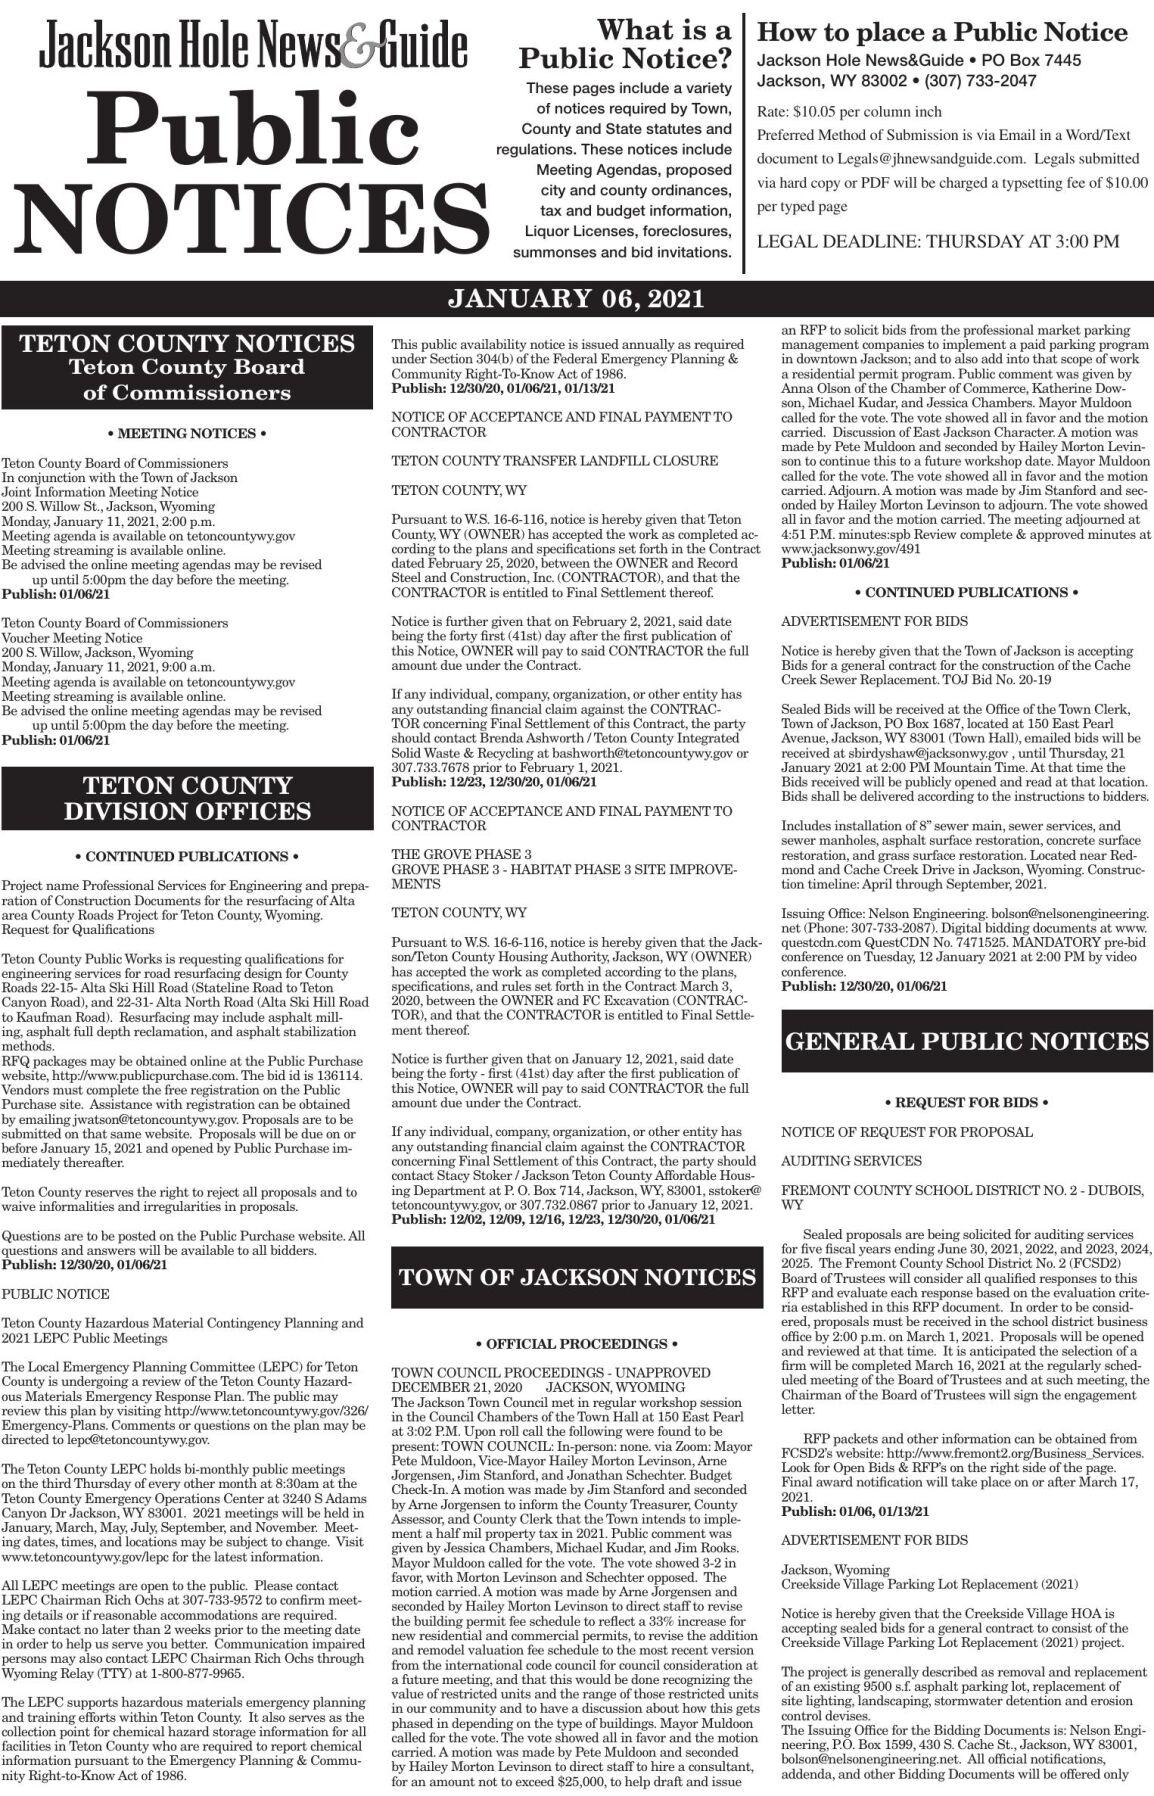 Public Notices, Jan. 06, 2021